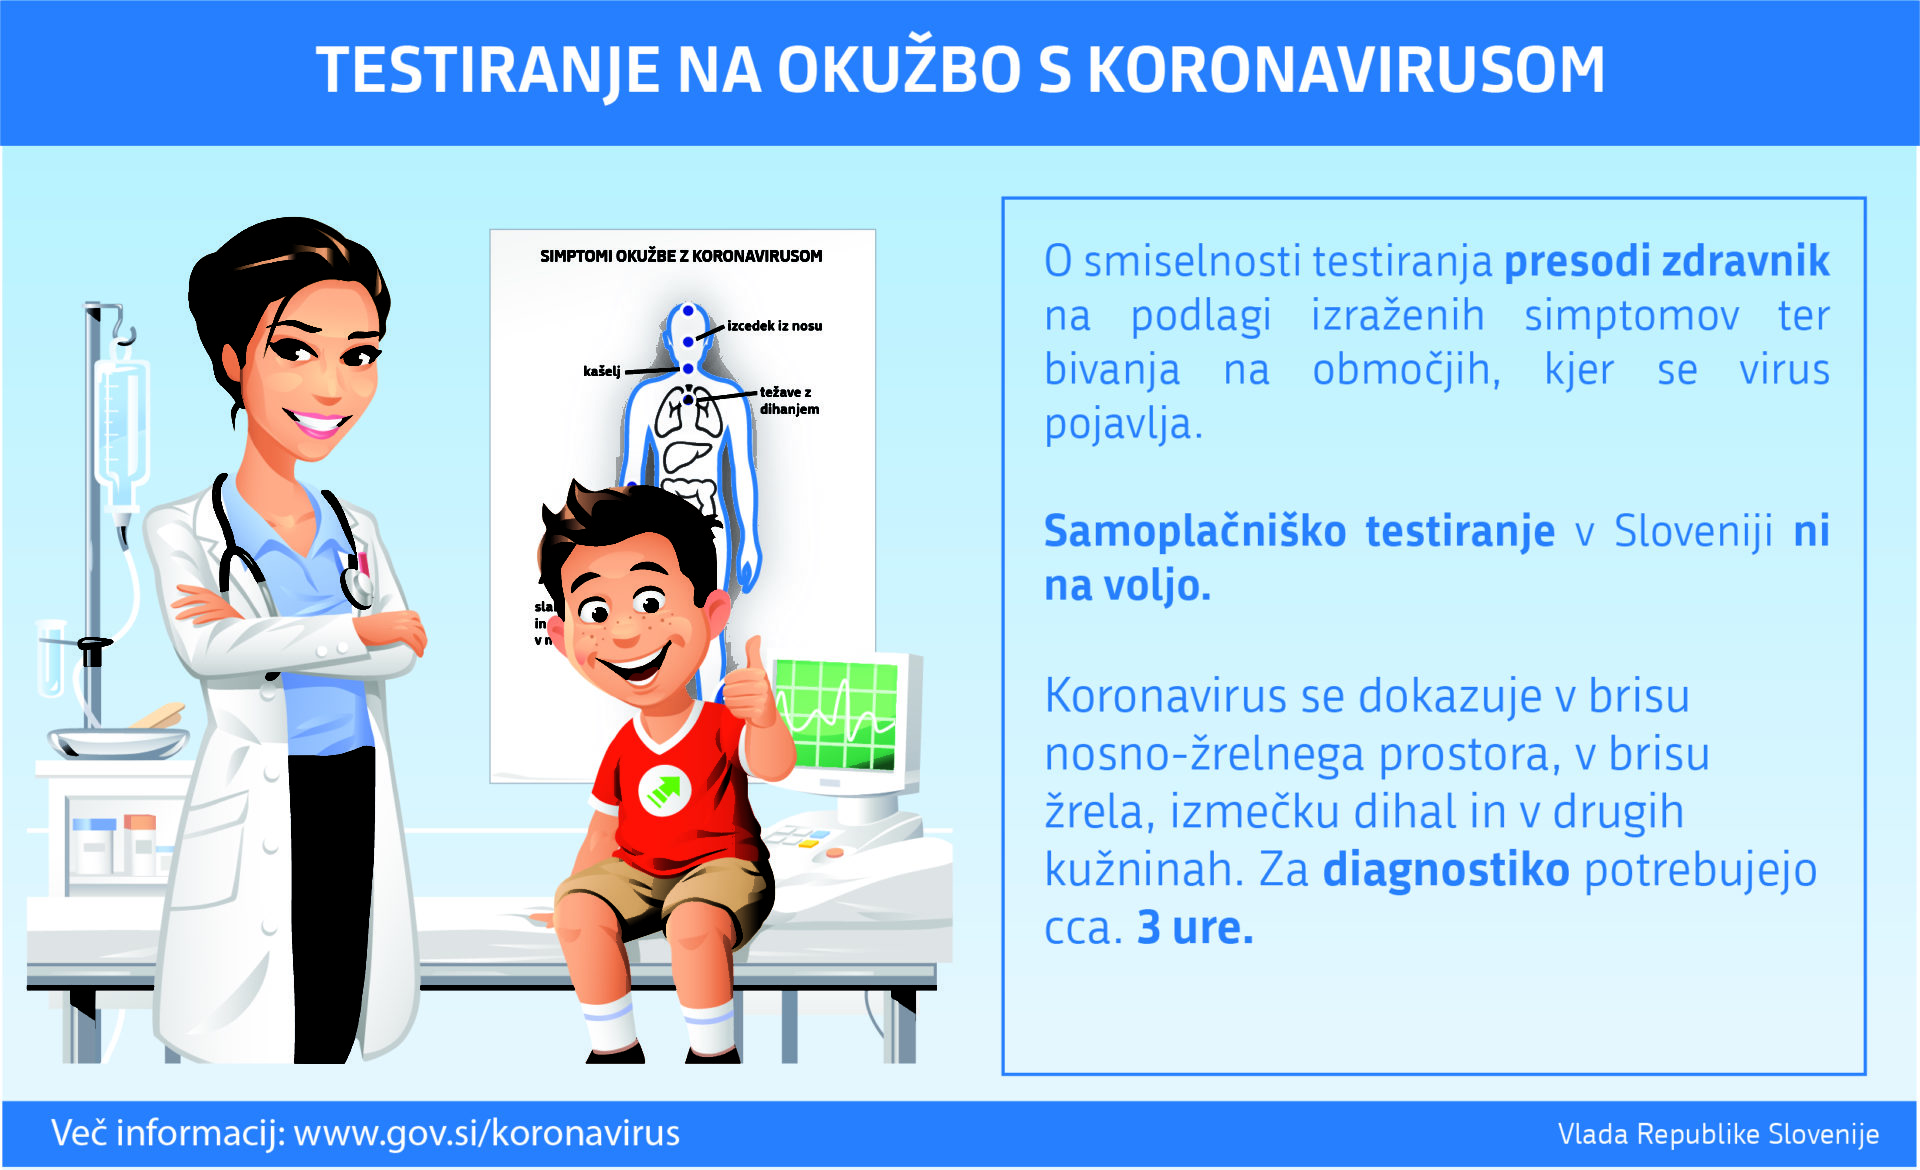 UKOM testiranje na okužbo s koronavirusom